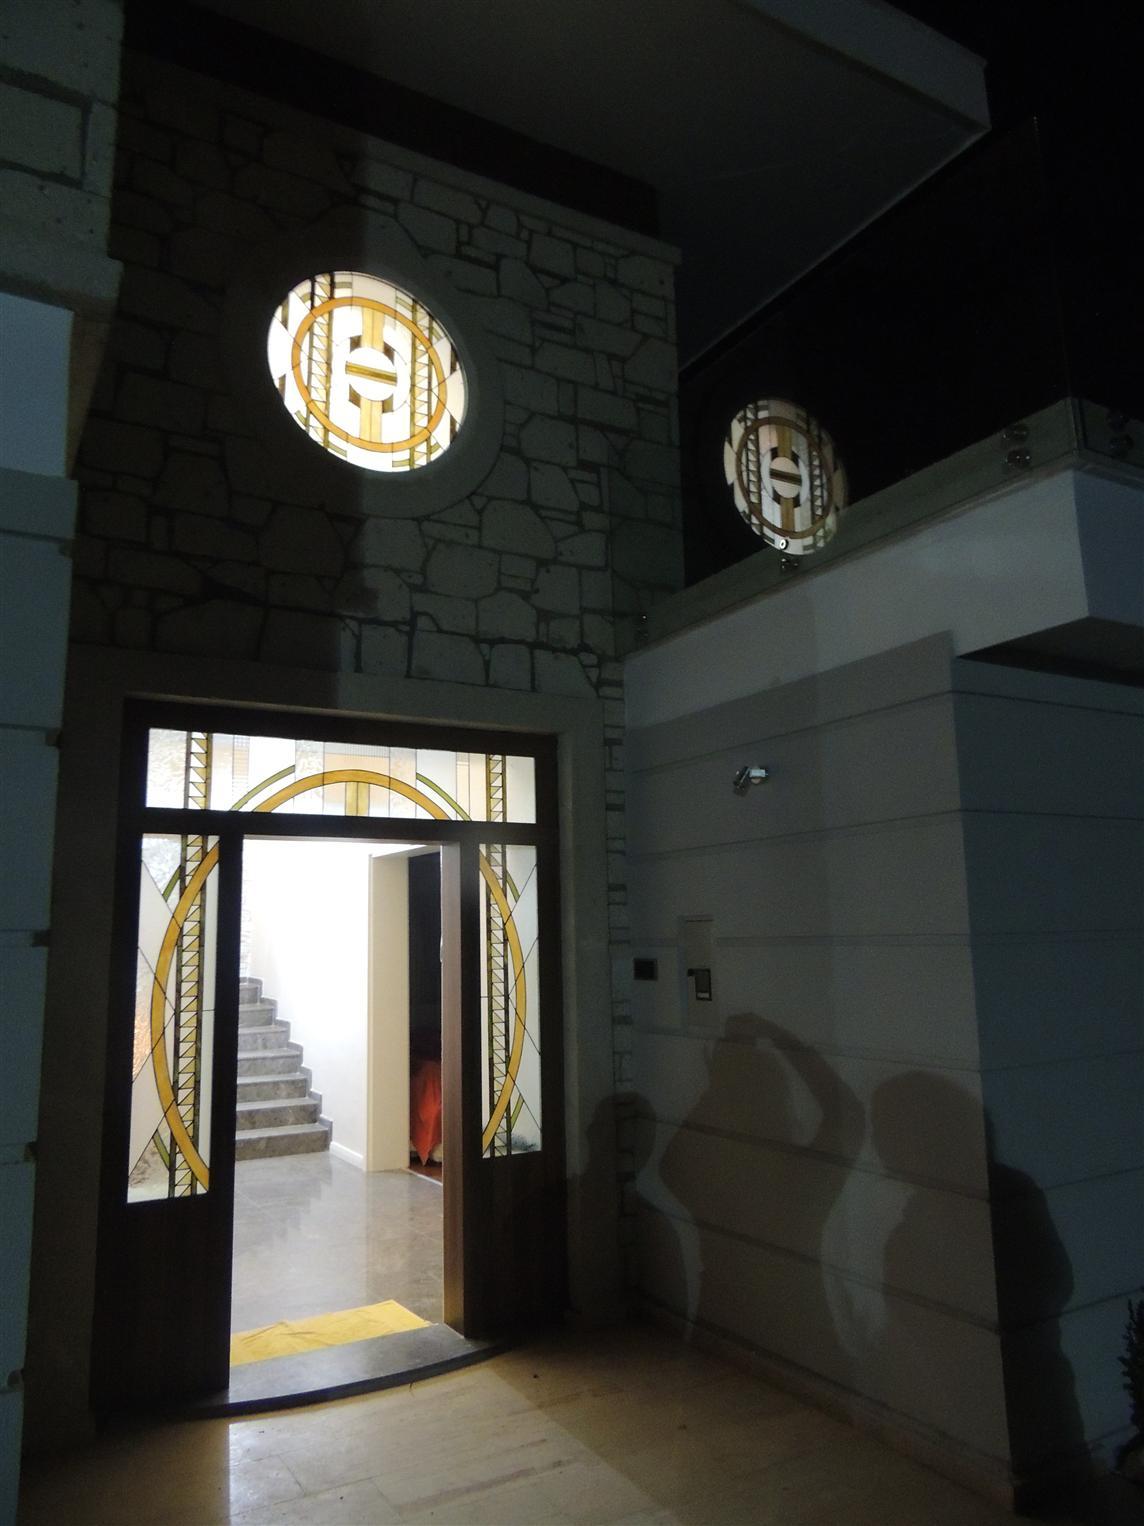 izka-insaat-life-port-evleri201592116503384.jpg izmir vitray çalışması